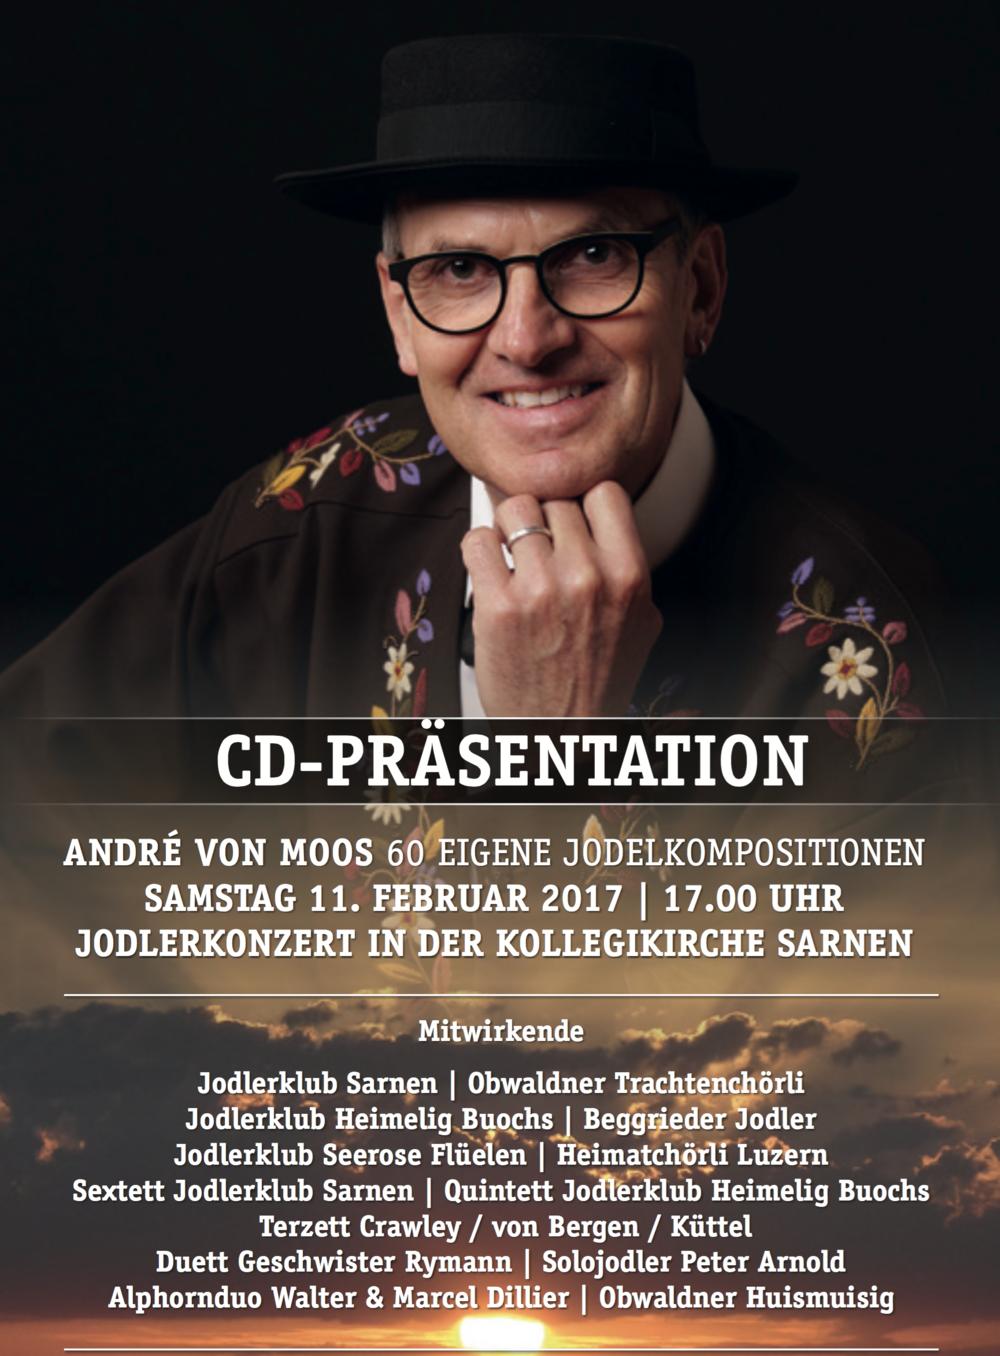 CD-Präsentation «Seeläspiägel» von André von Moos.